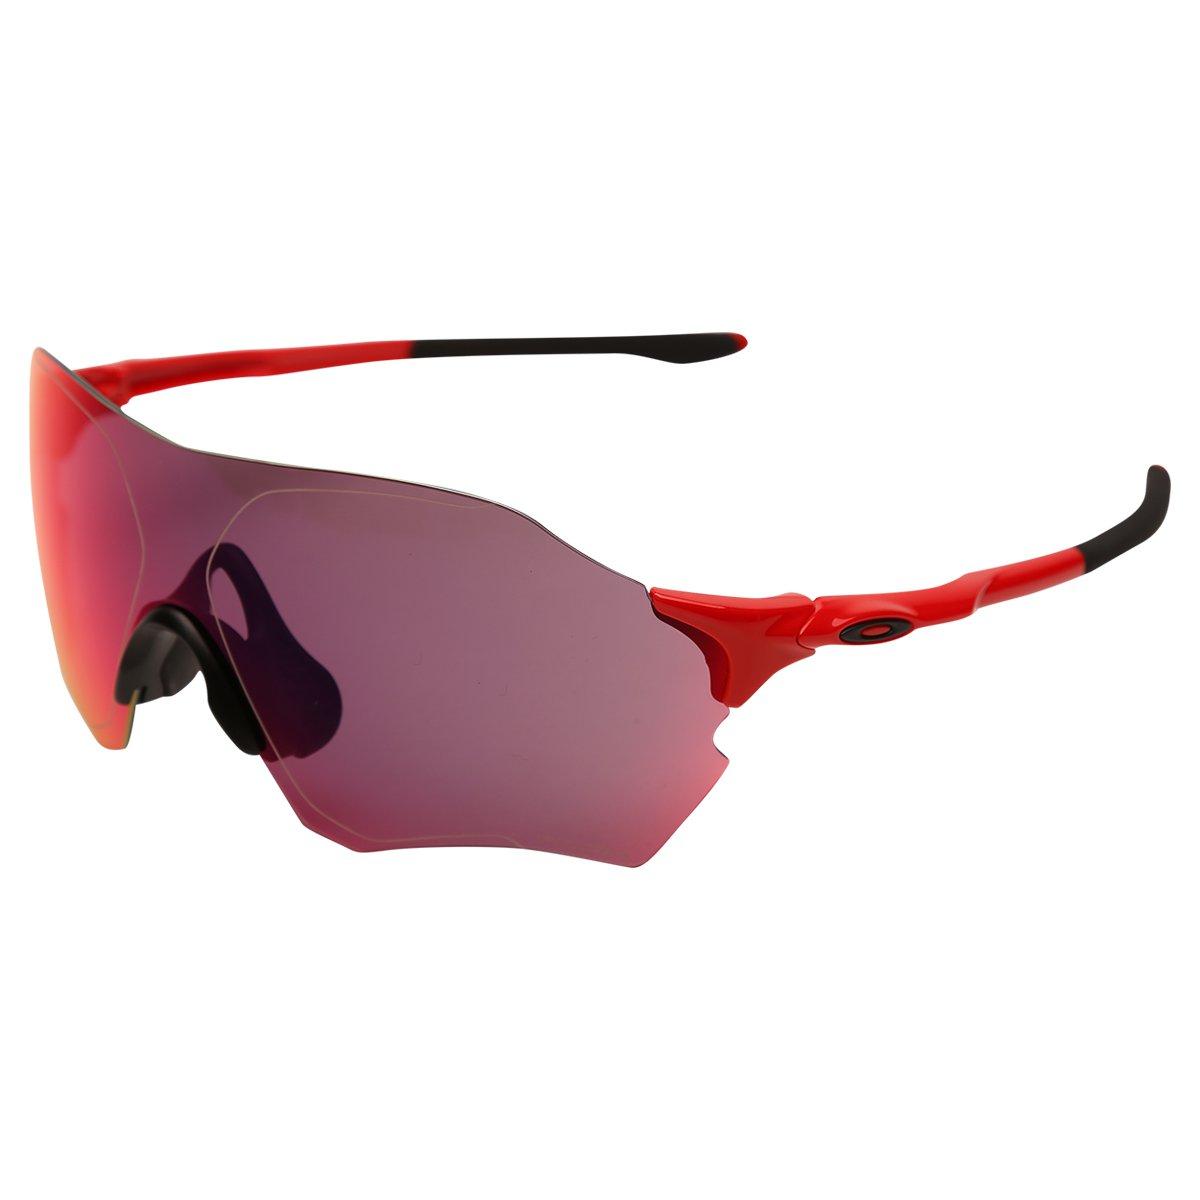 Óculos Oakley Evzero Range Prizm Road - Compre Agora   Netshoes a79d094b69